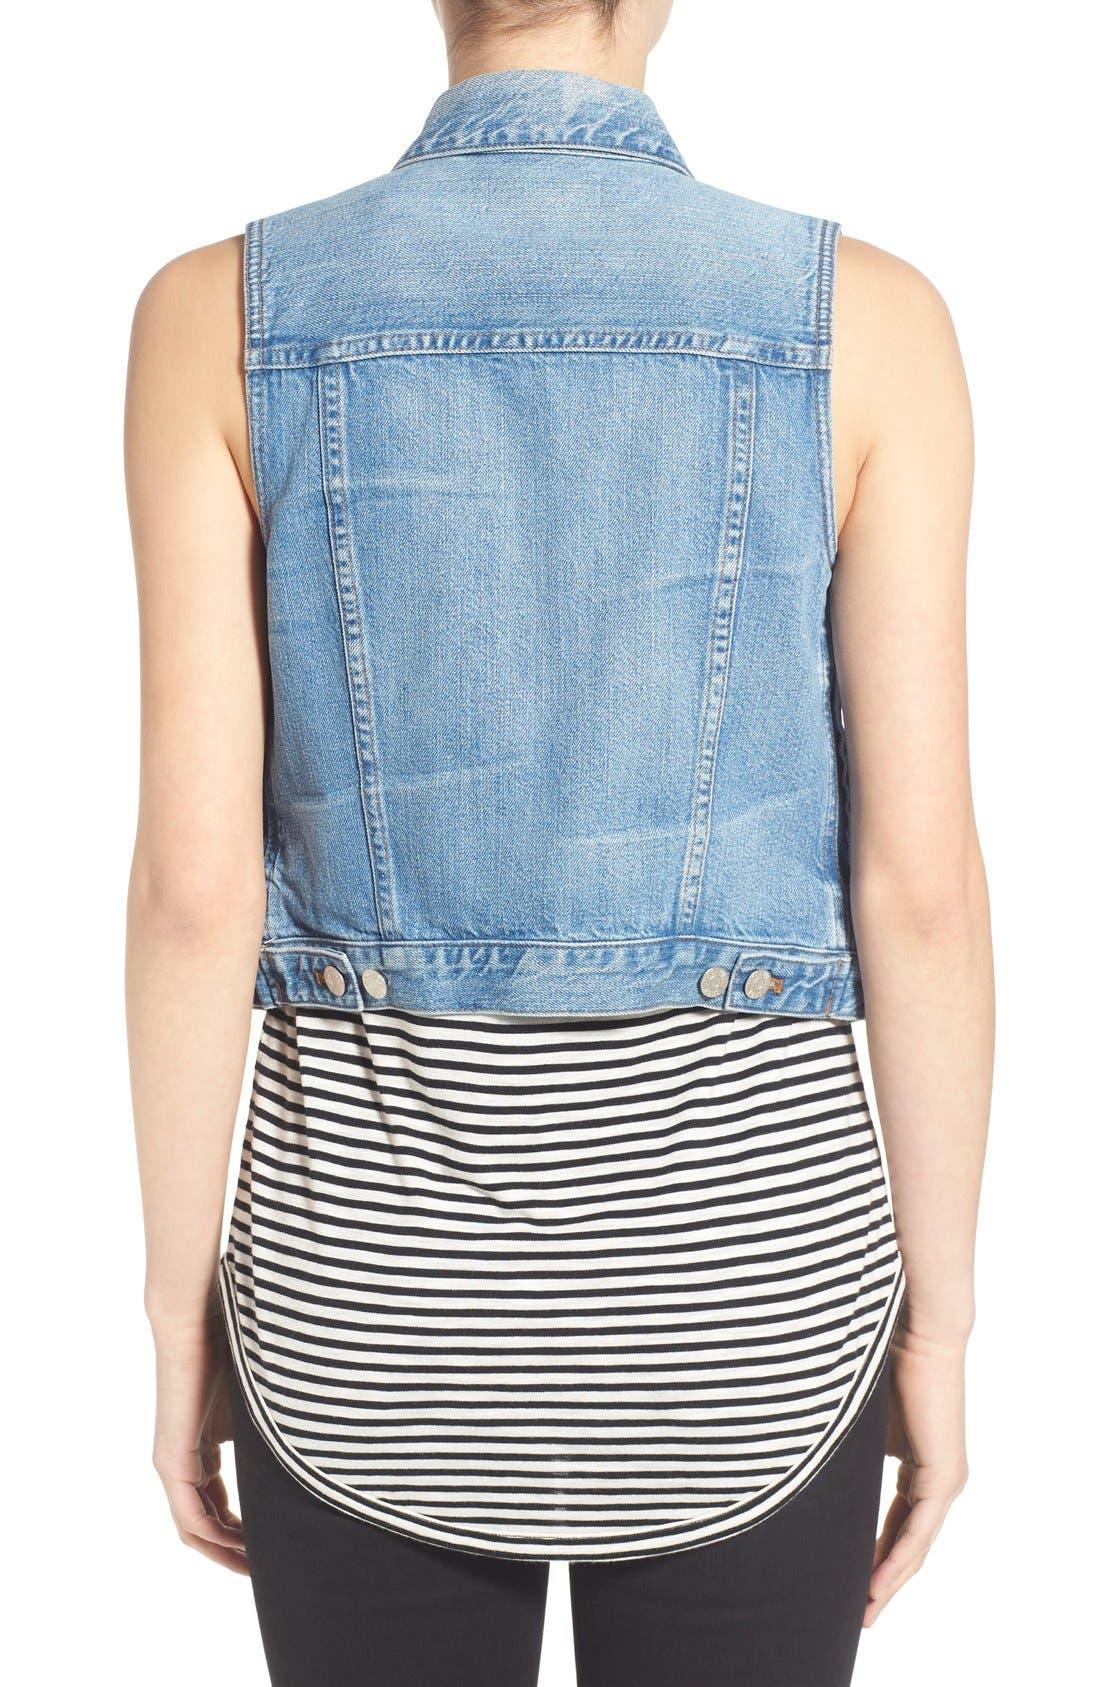 MADEWELL, Chest Pocket Denim Vest, Alternate thumbnail 6, color, 400